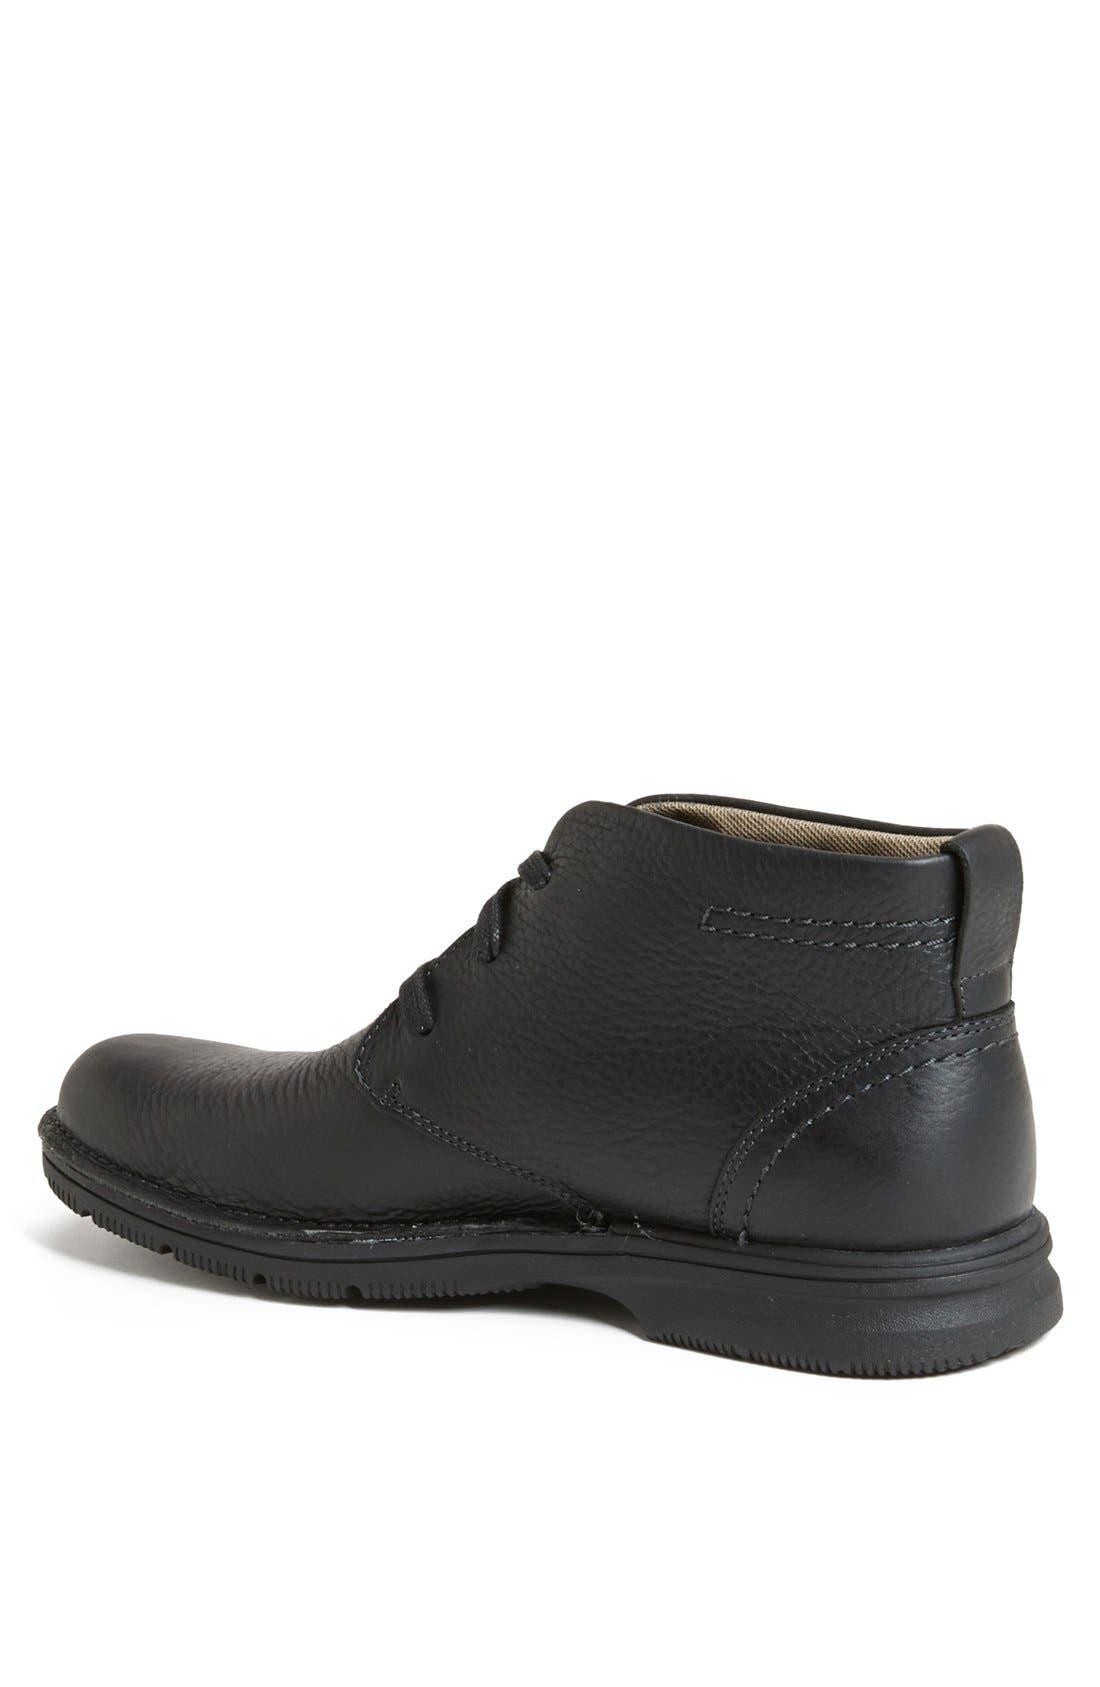 Alternate Image 2  - Clarks® 'Senner Ave' Chukka Boot   (Men)